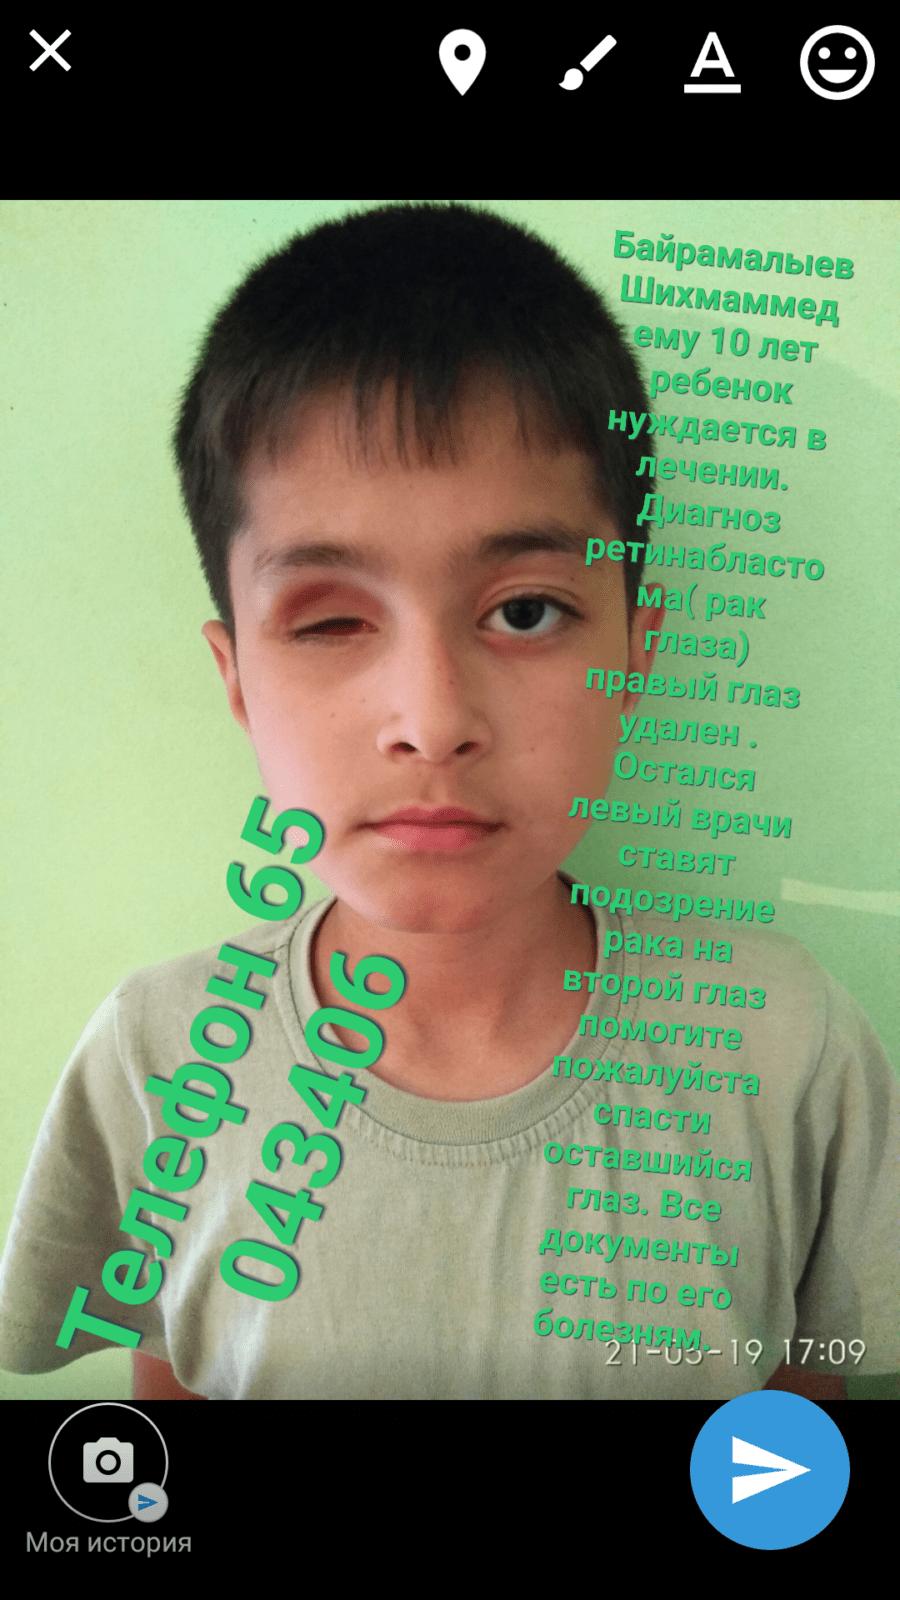 Ребенок после операции на данный момент